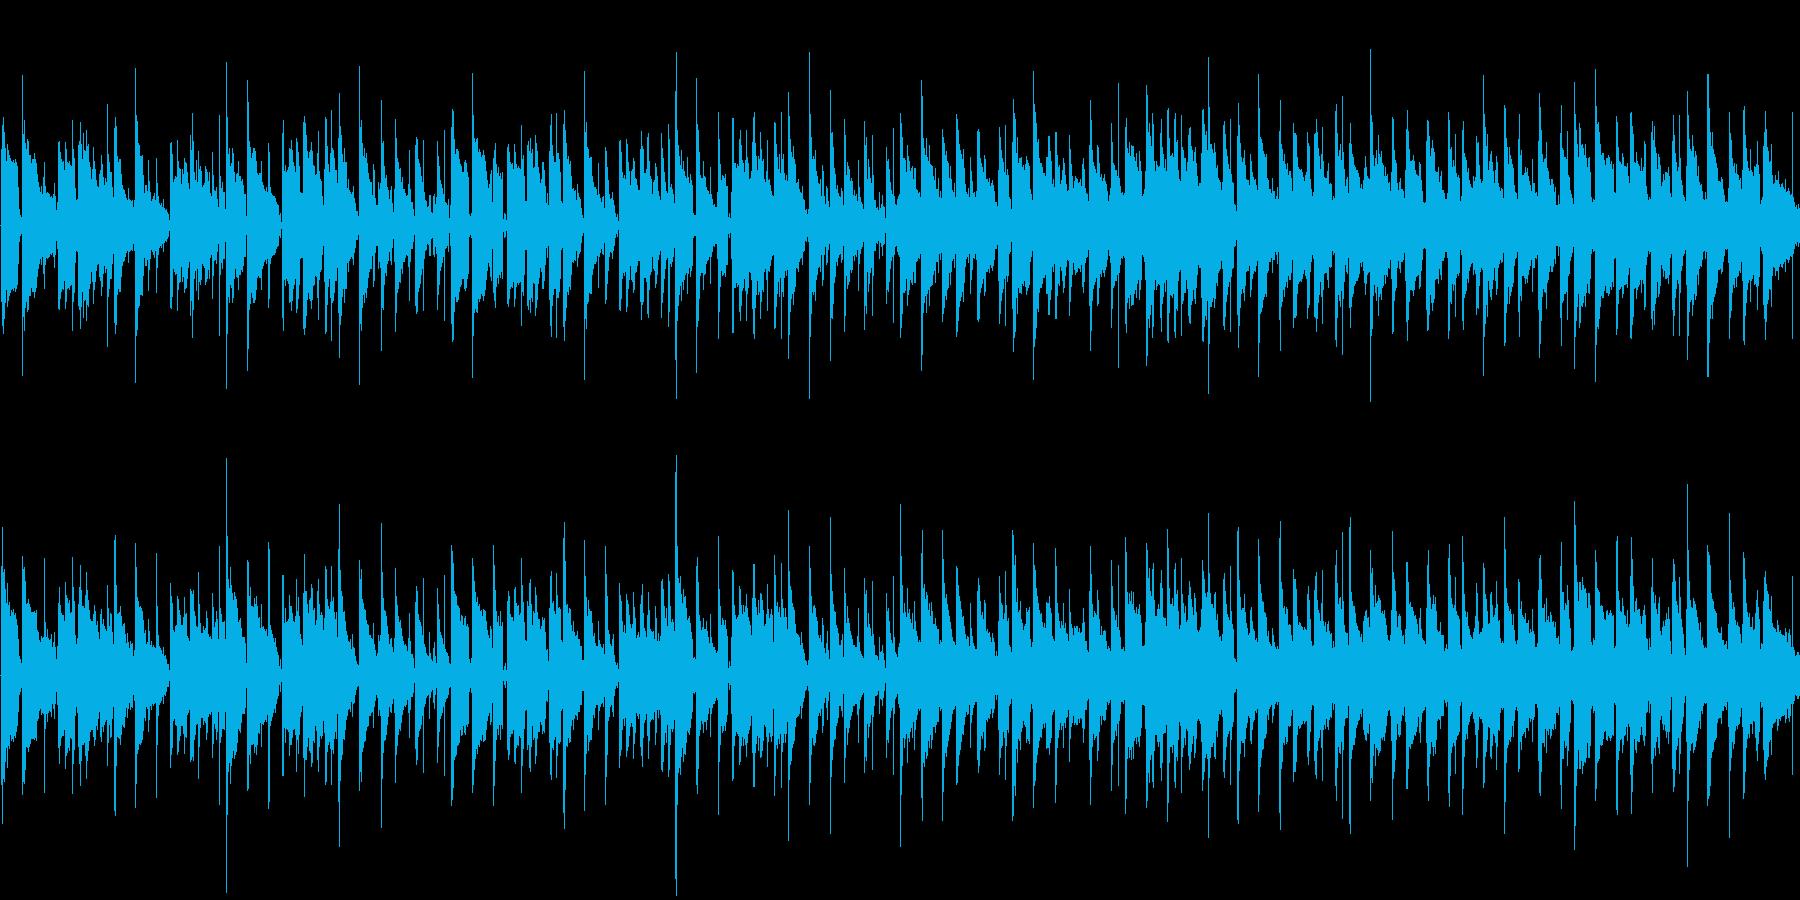 夏に合うさわやかボサノバ風 【ループ】の再生済みの波形